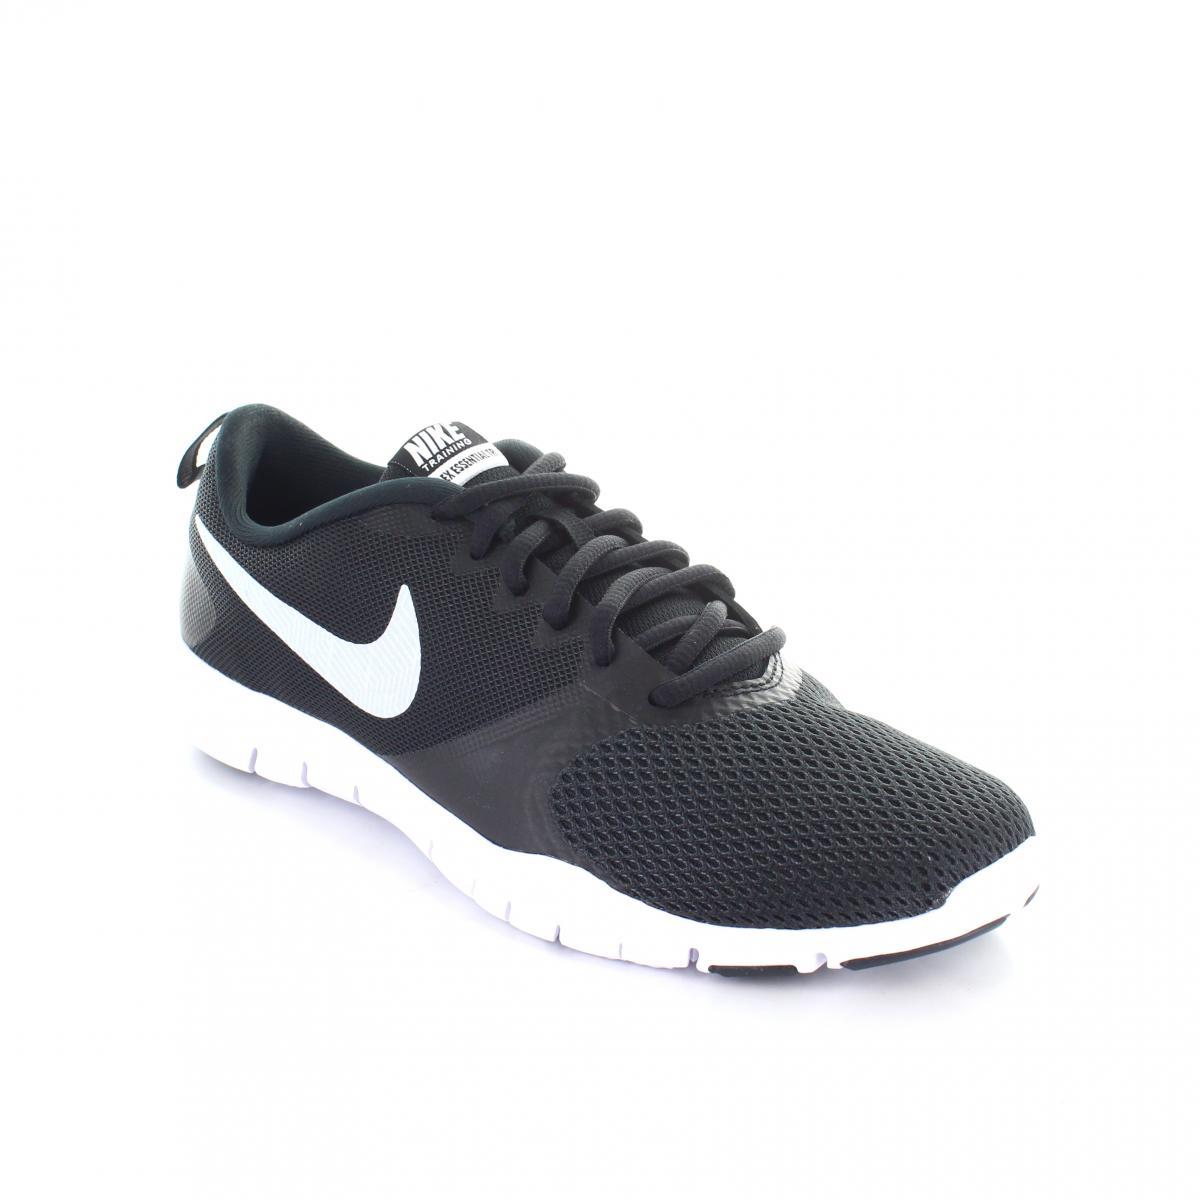 Tenis marca Nike modelo 924344-001 Color Negro a9d2f5fa96d54